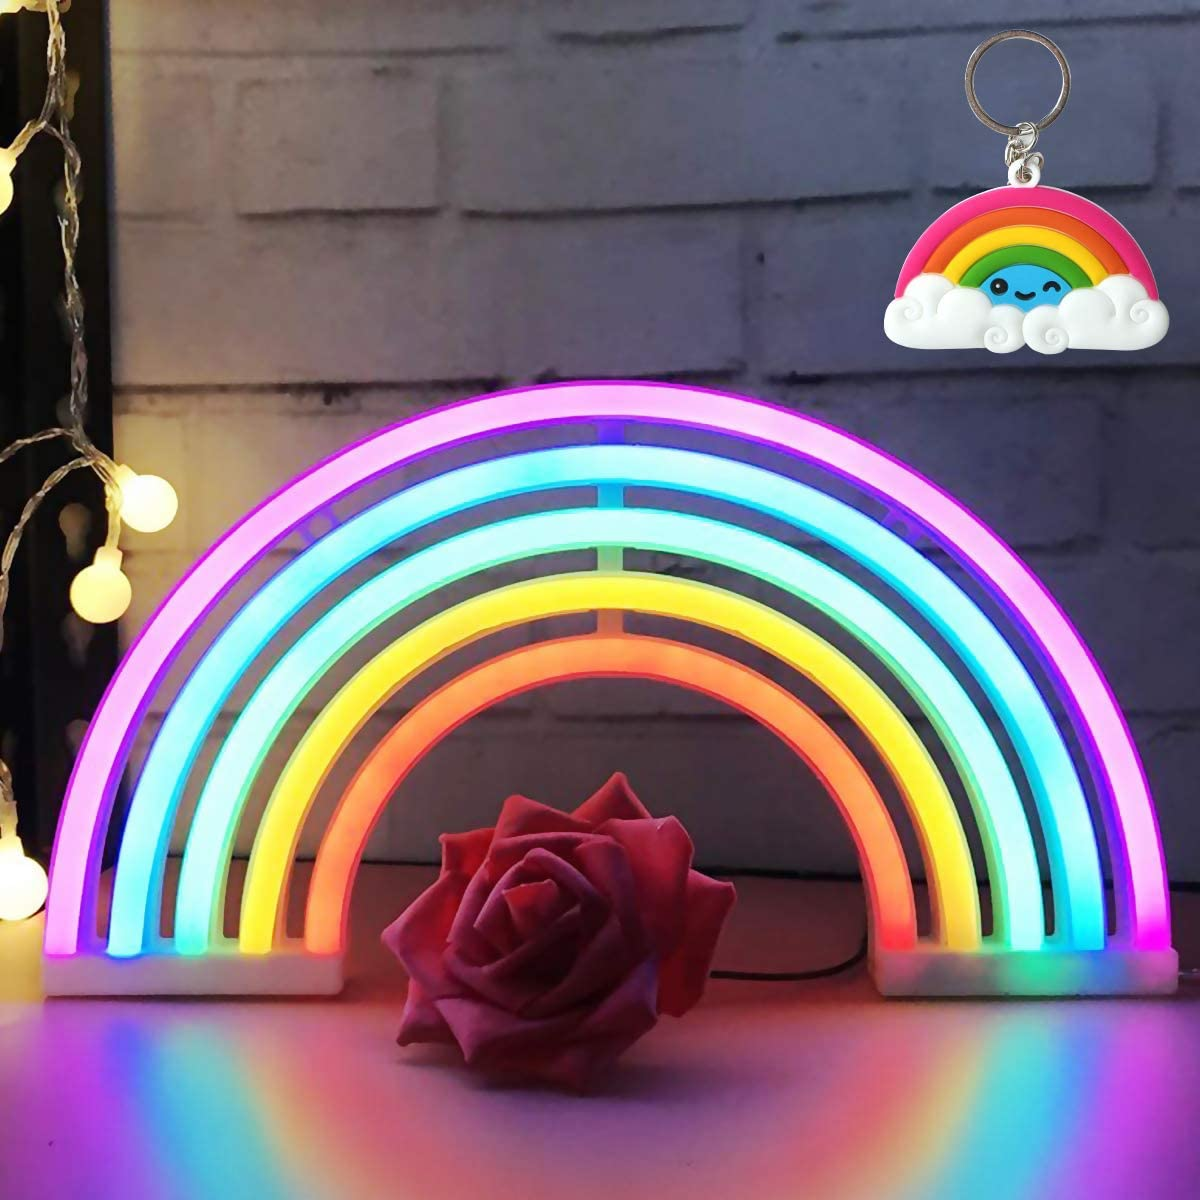 AIZESI Rainbow Neon Light Rainbow Neon Sign Wall Light Battery Or USB Operated Neon Light Rainbow